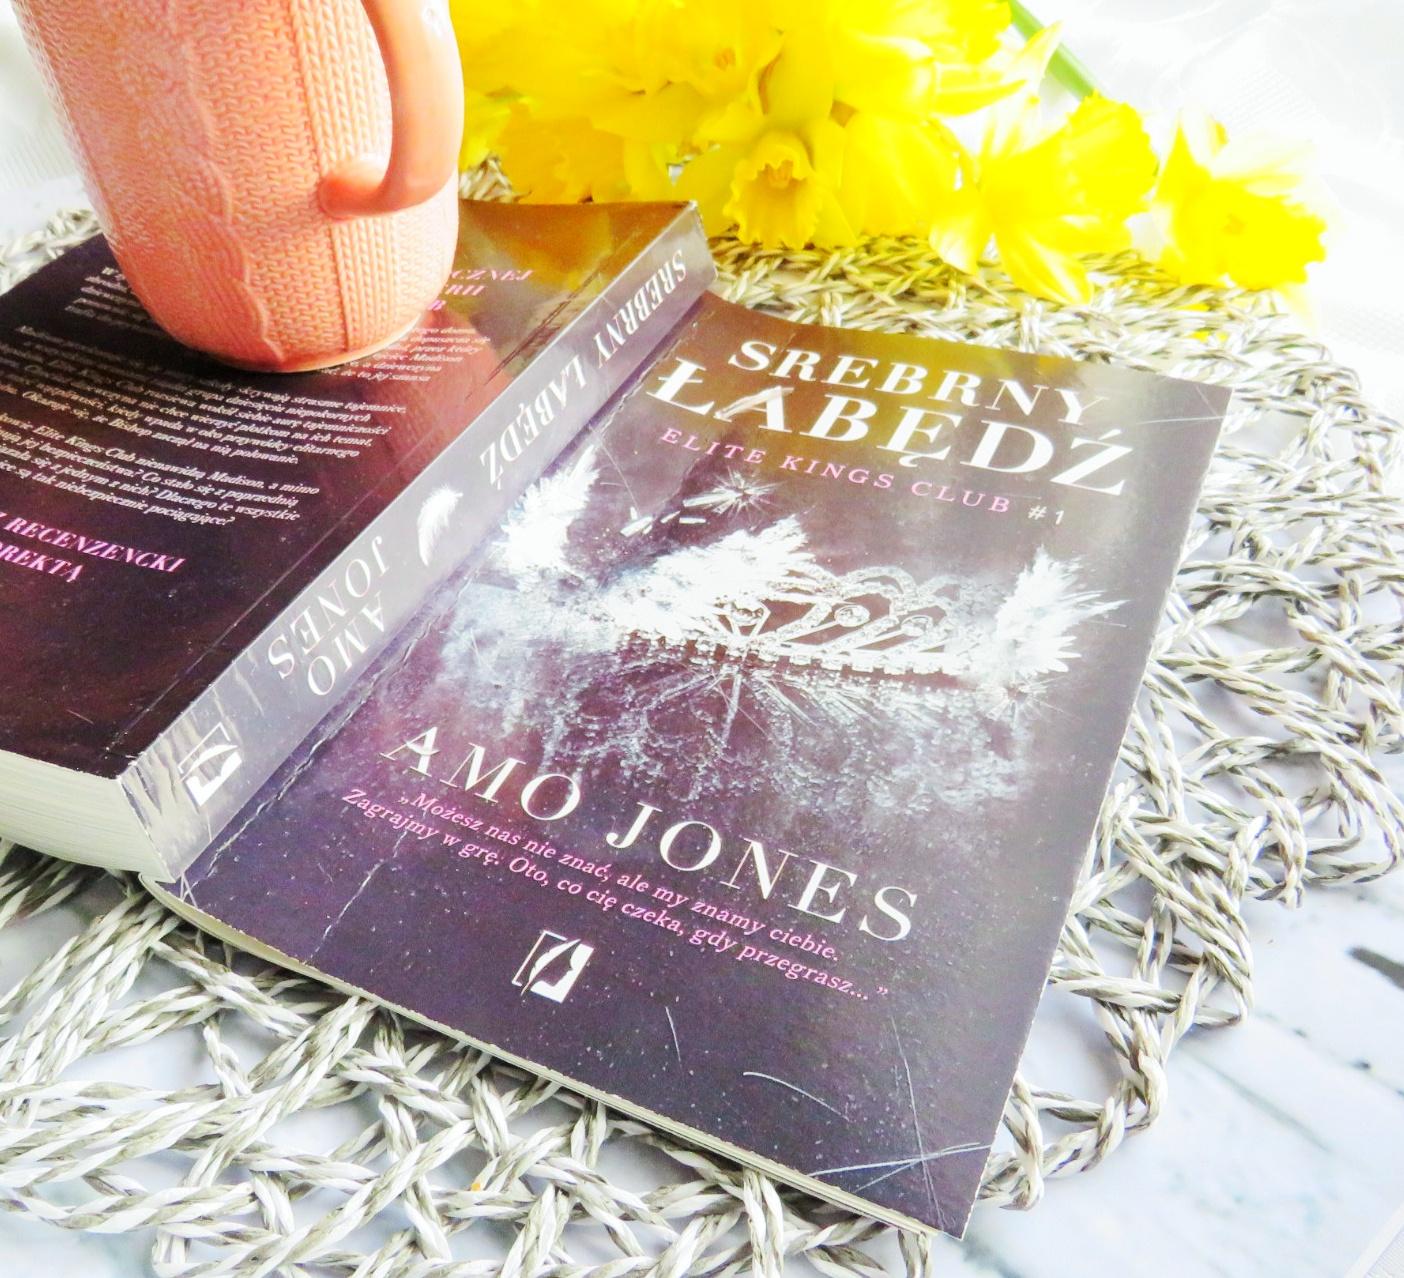 Srebrny łabędź - Amo Jones - recenzja